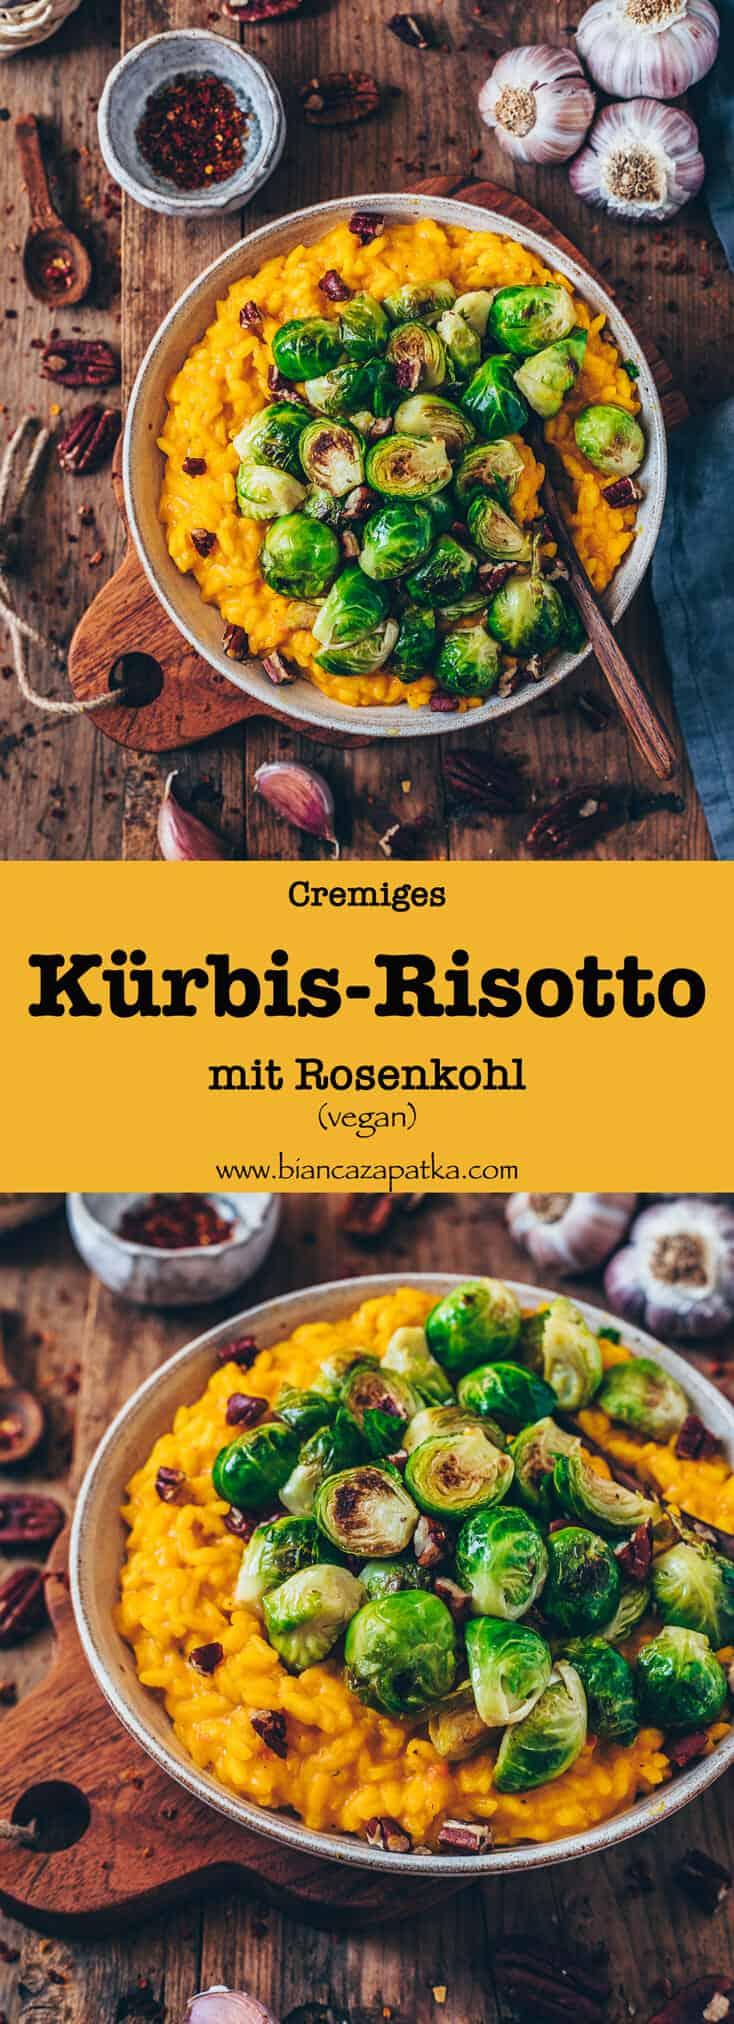 Dieses Vegane Kürbis-Risotto mit Rosenkohl ist das perfekte Wohlfühlessen im Herbst. Es ist gesund, glutenfrei und unglaublich köstlich! Das Rezept ist einfach und in nur 30 Minuten fertig.